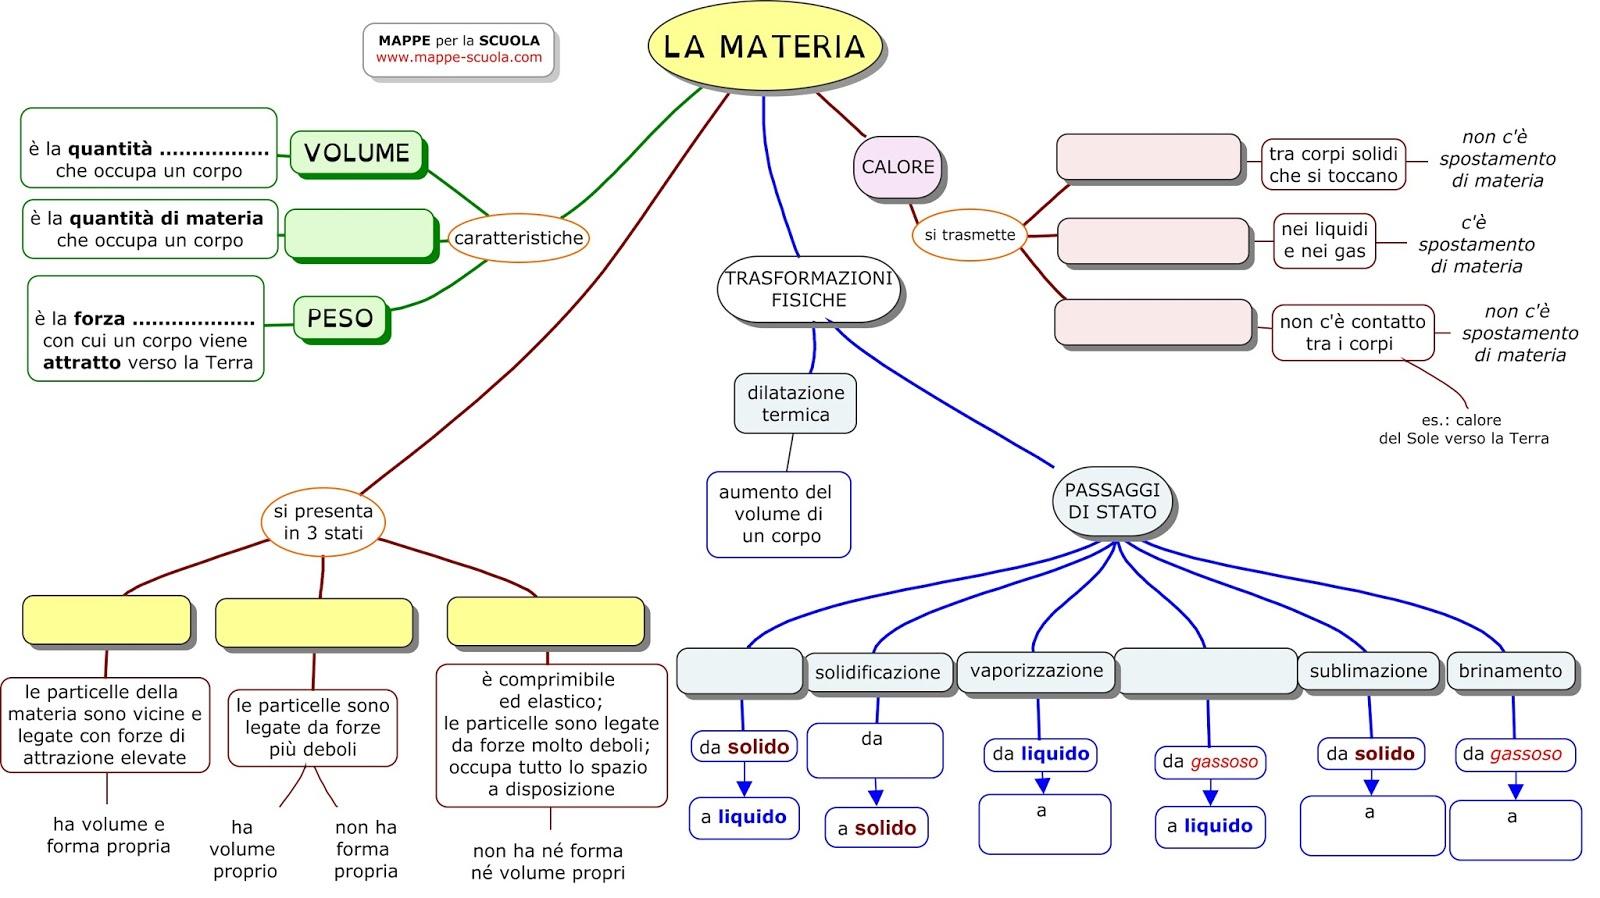 Favorito MAPPE per la SCUOLA: LA MATERIA (scienze) KV83